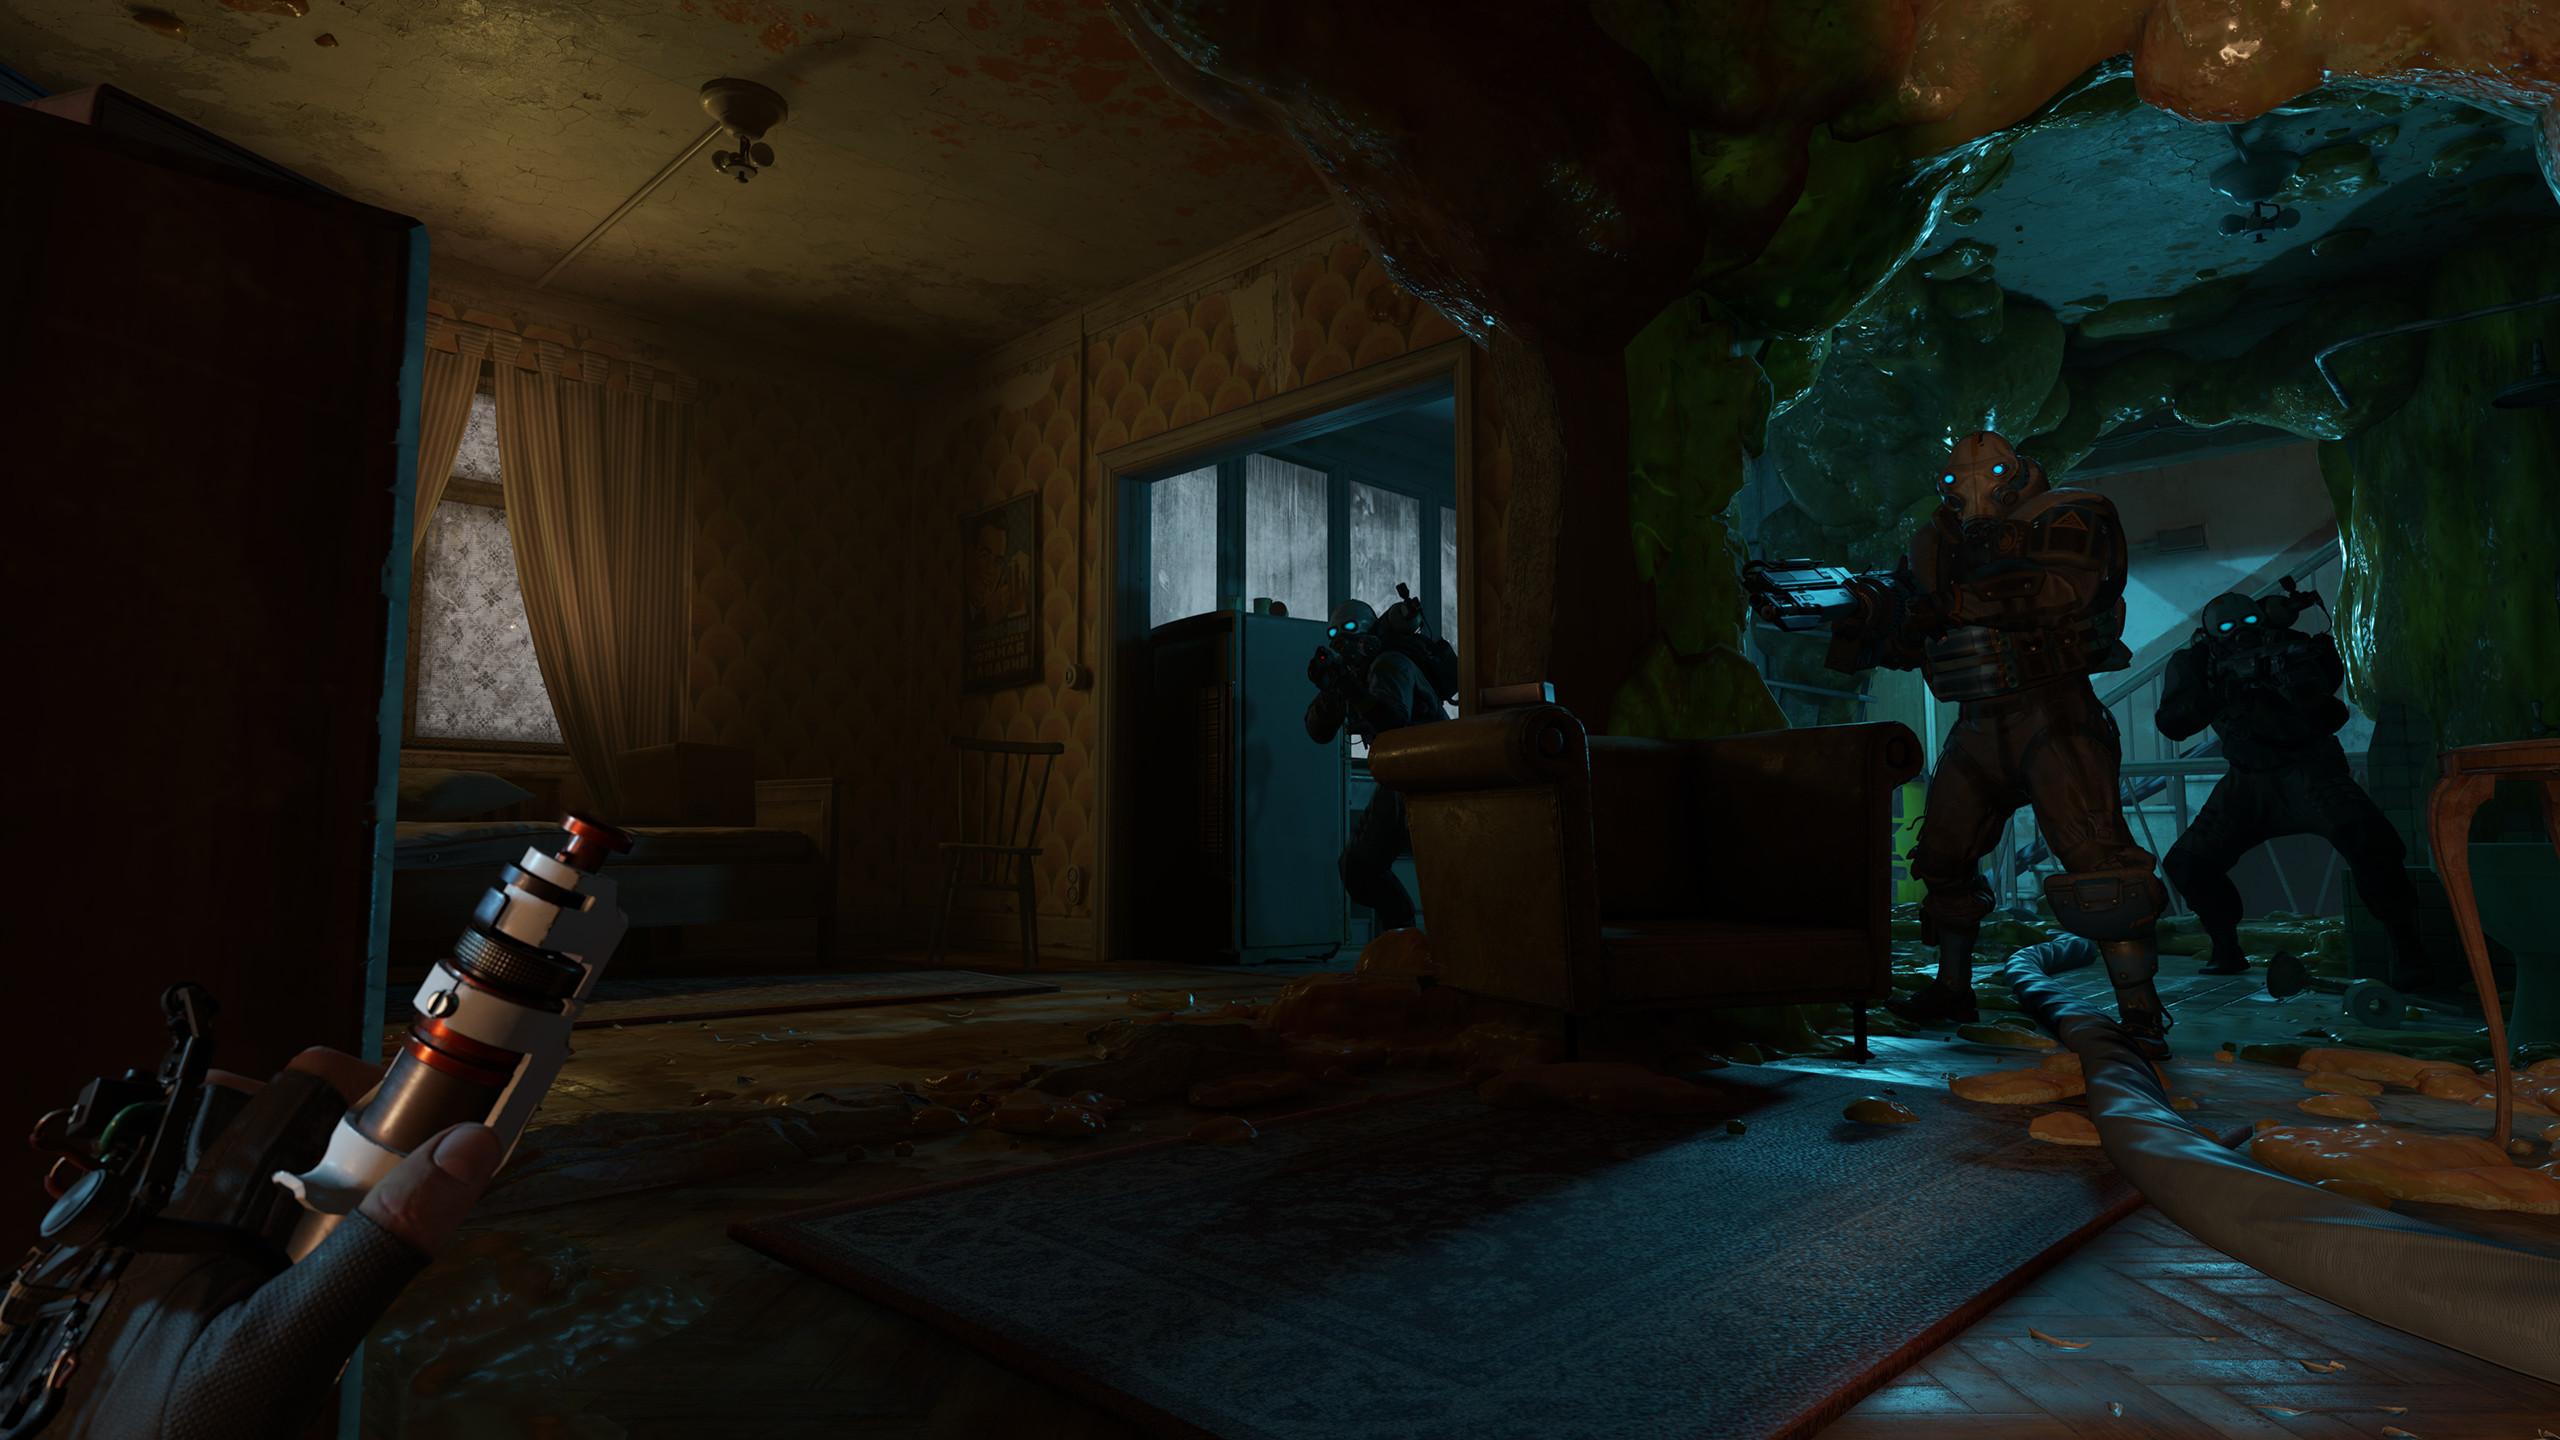 Первый тизер Half-Life: Alyx —VR-приквела Half-Life 2 1